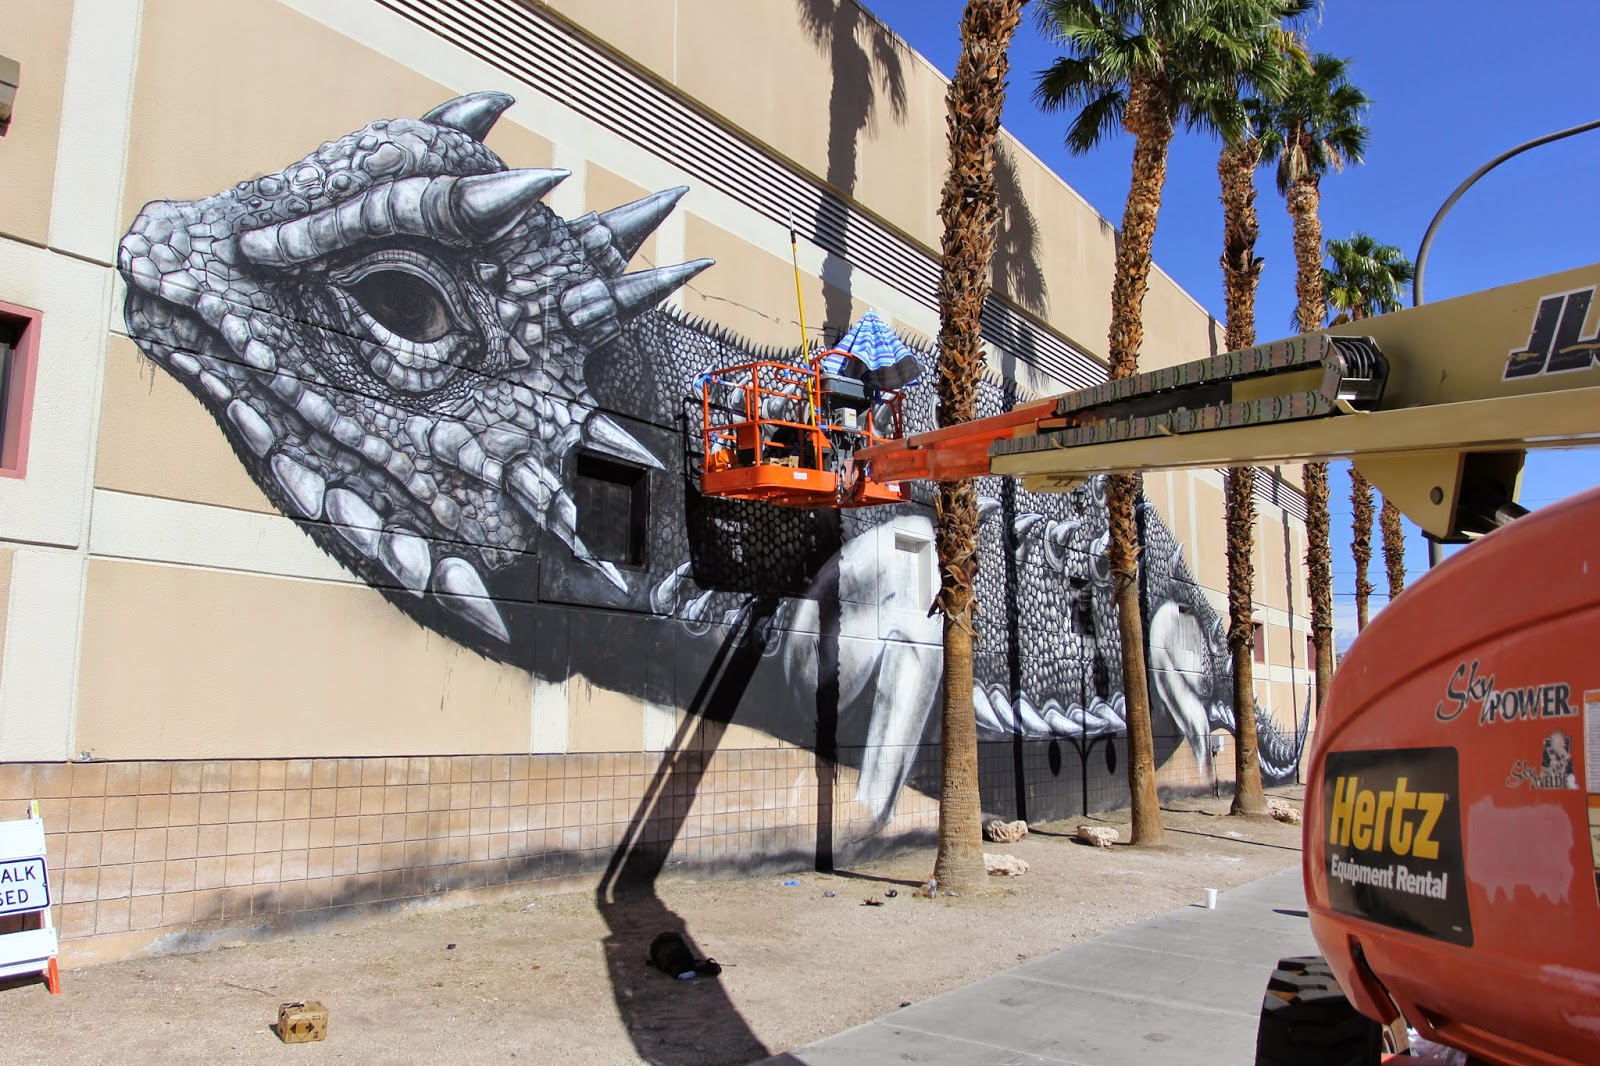 roa-new-mural-in-las-vegas-04